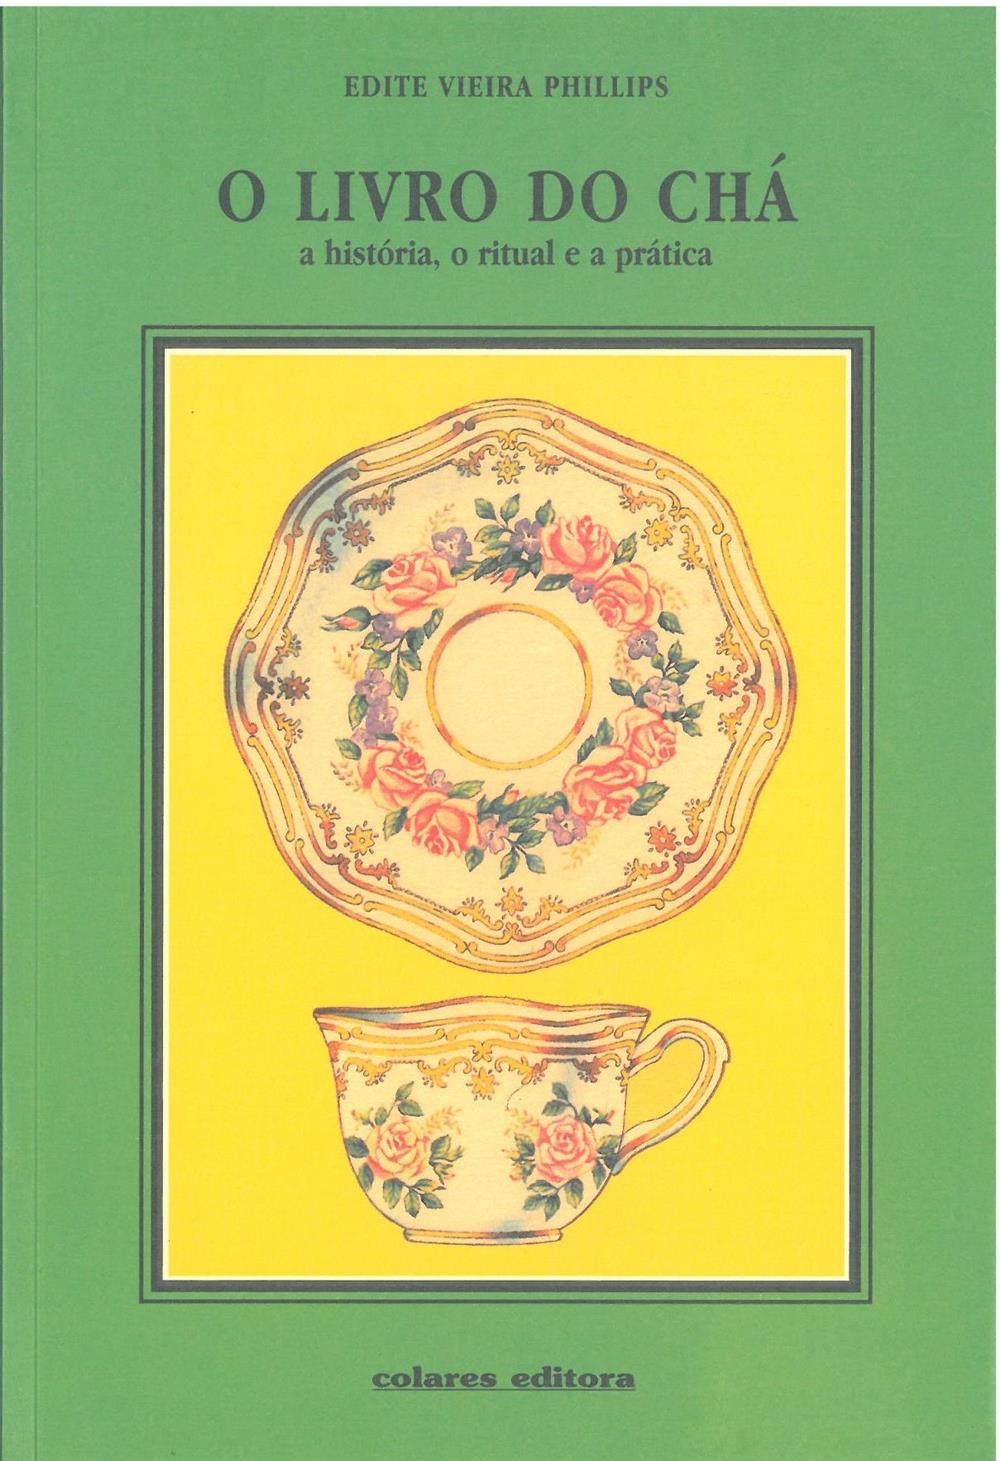 O livro do chá_.jpg